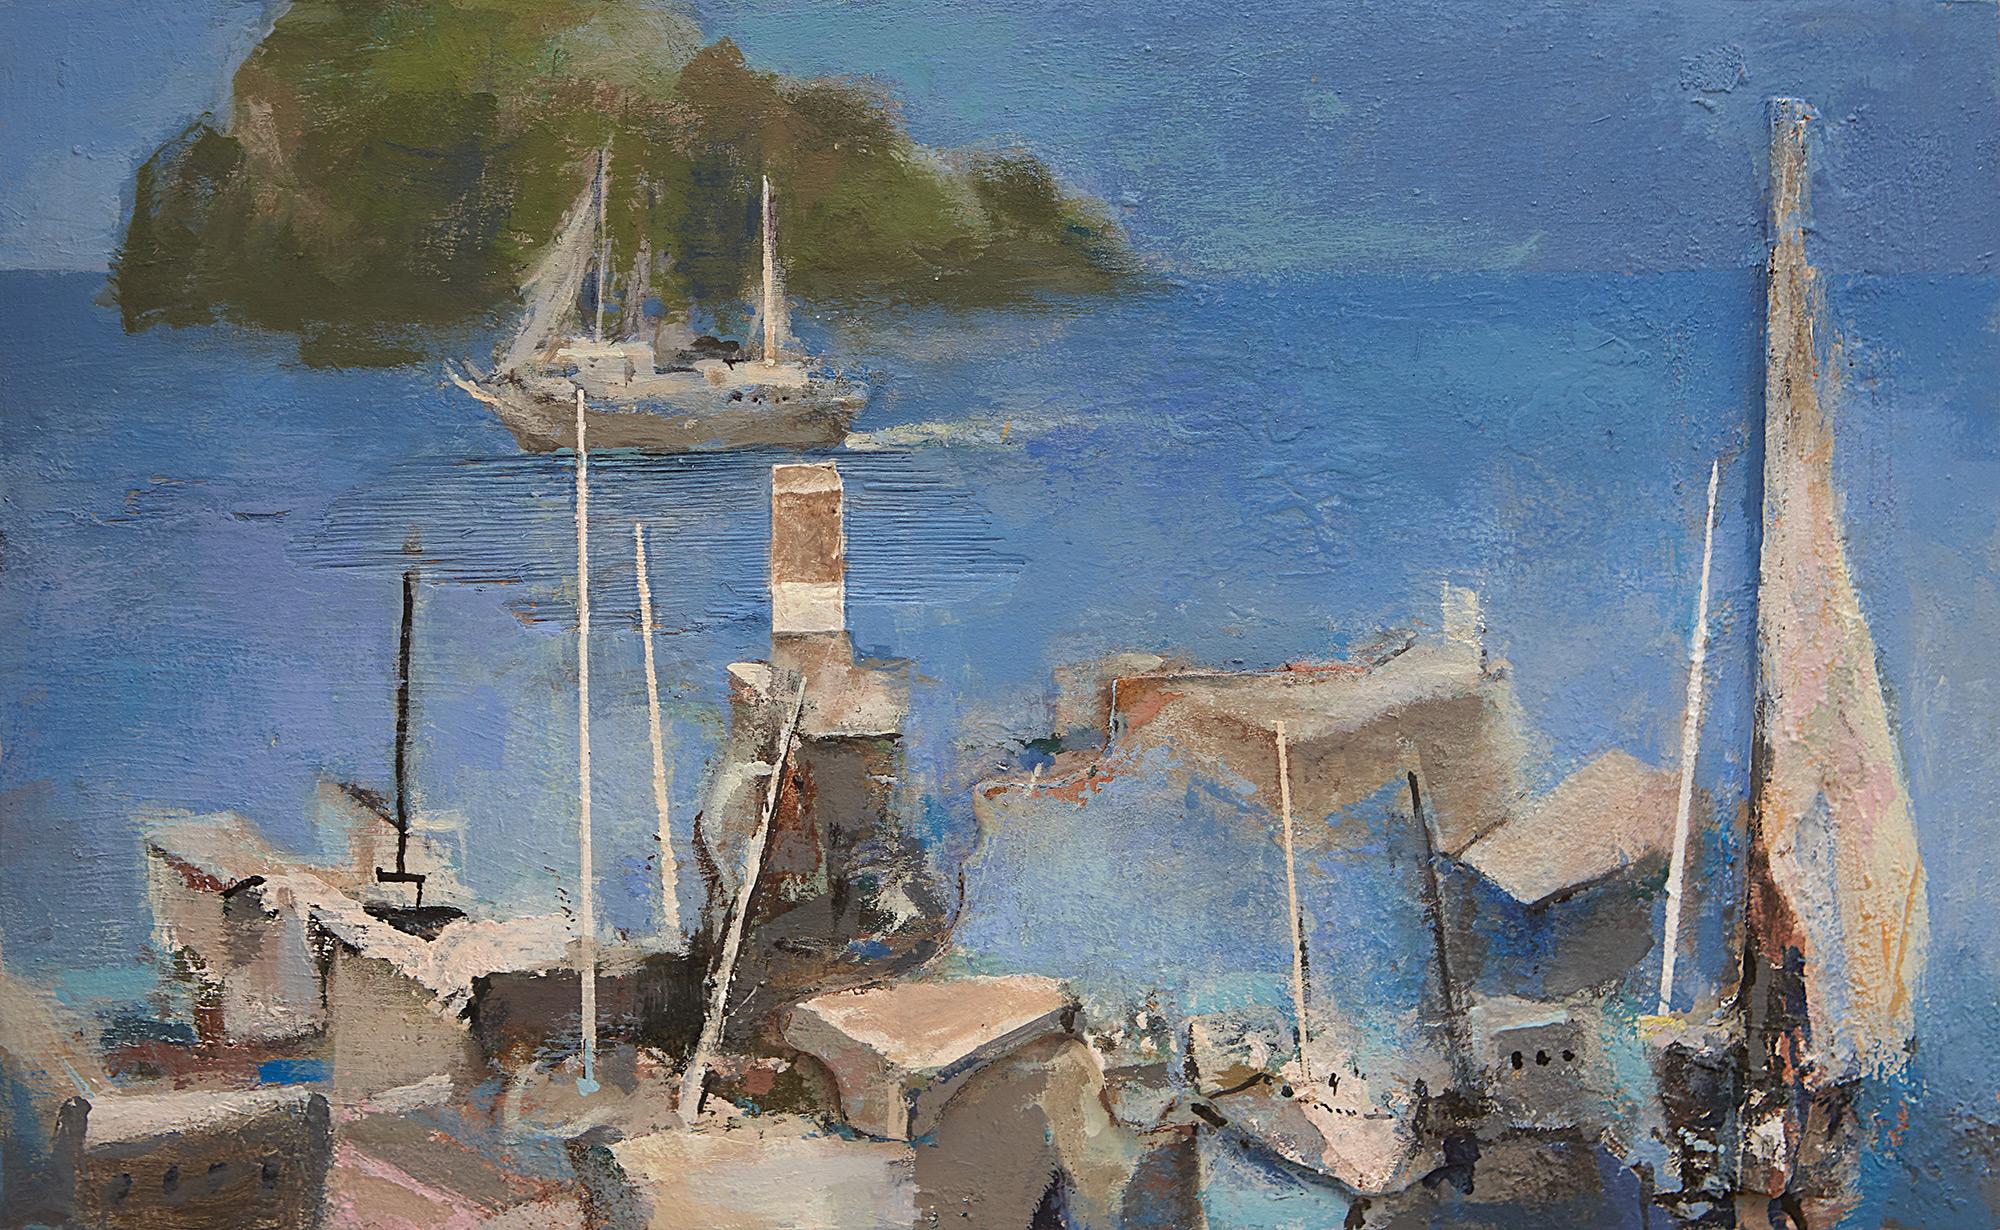 Aegean Harbour  2003-16, 29 x 46.5 cm